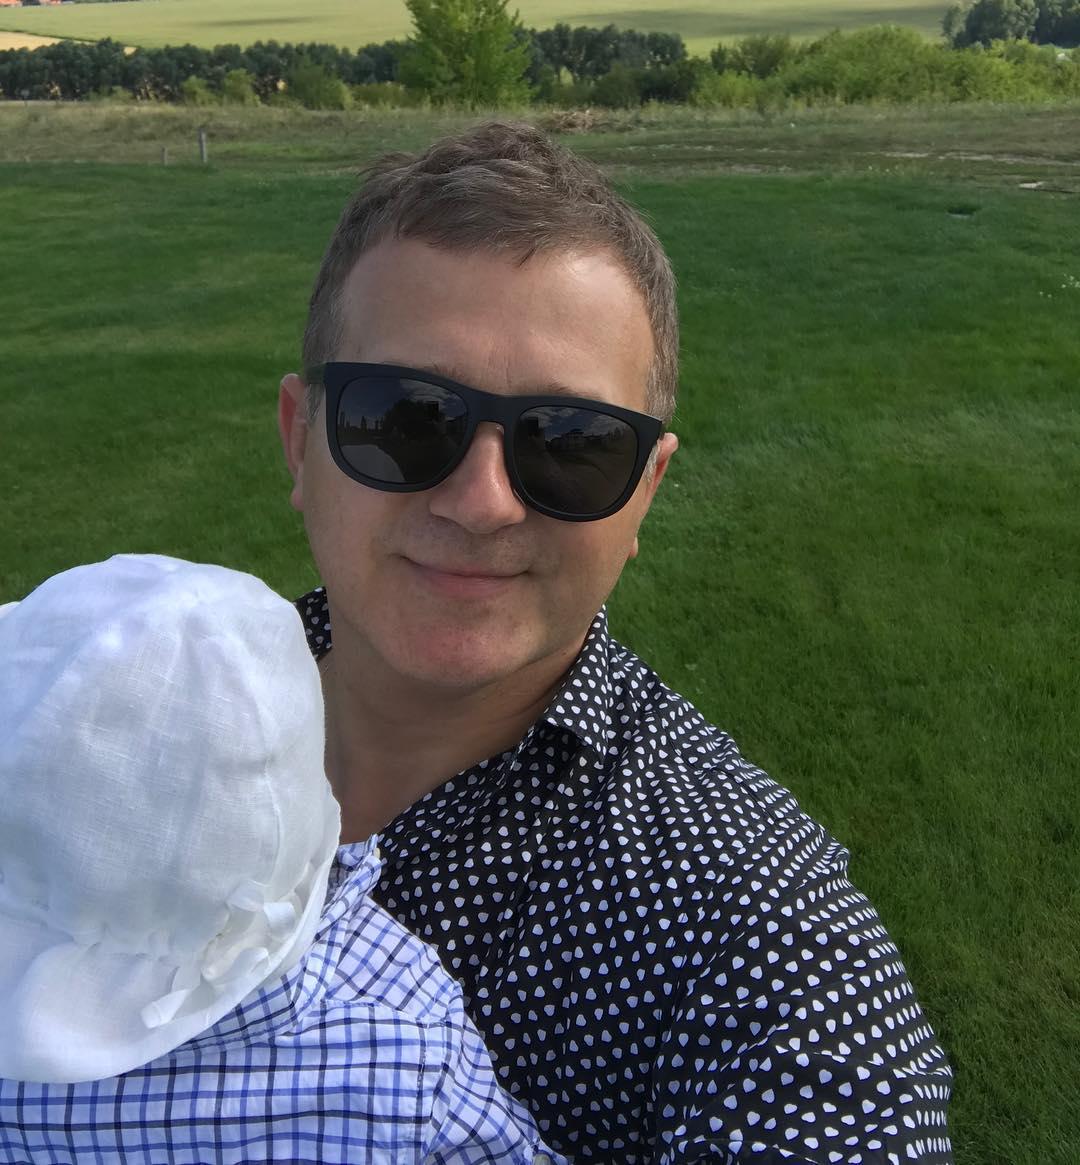 Папа в деле: Юрий Горбунов опубликовал фото с прогулки с сыном